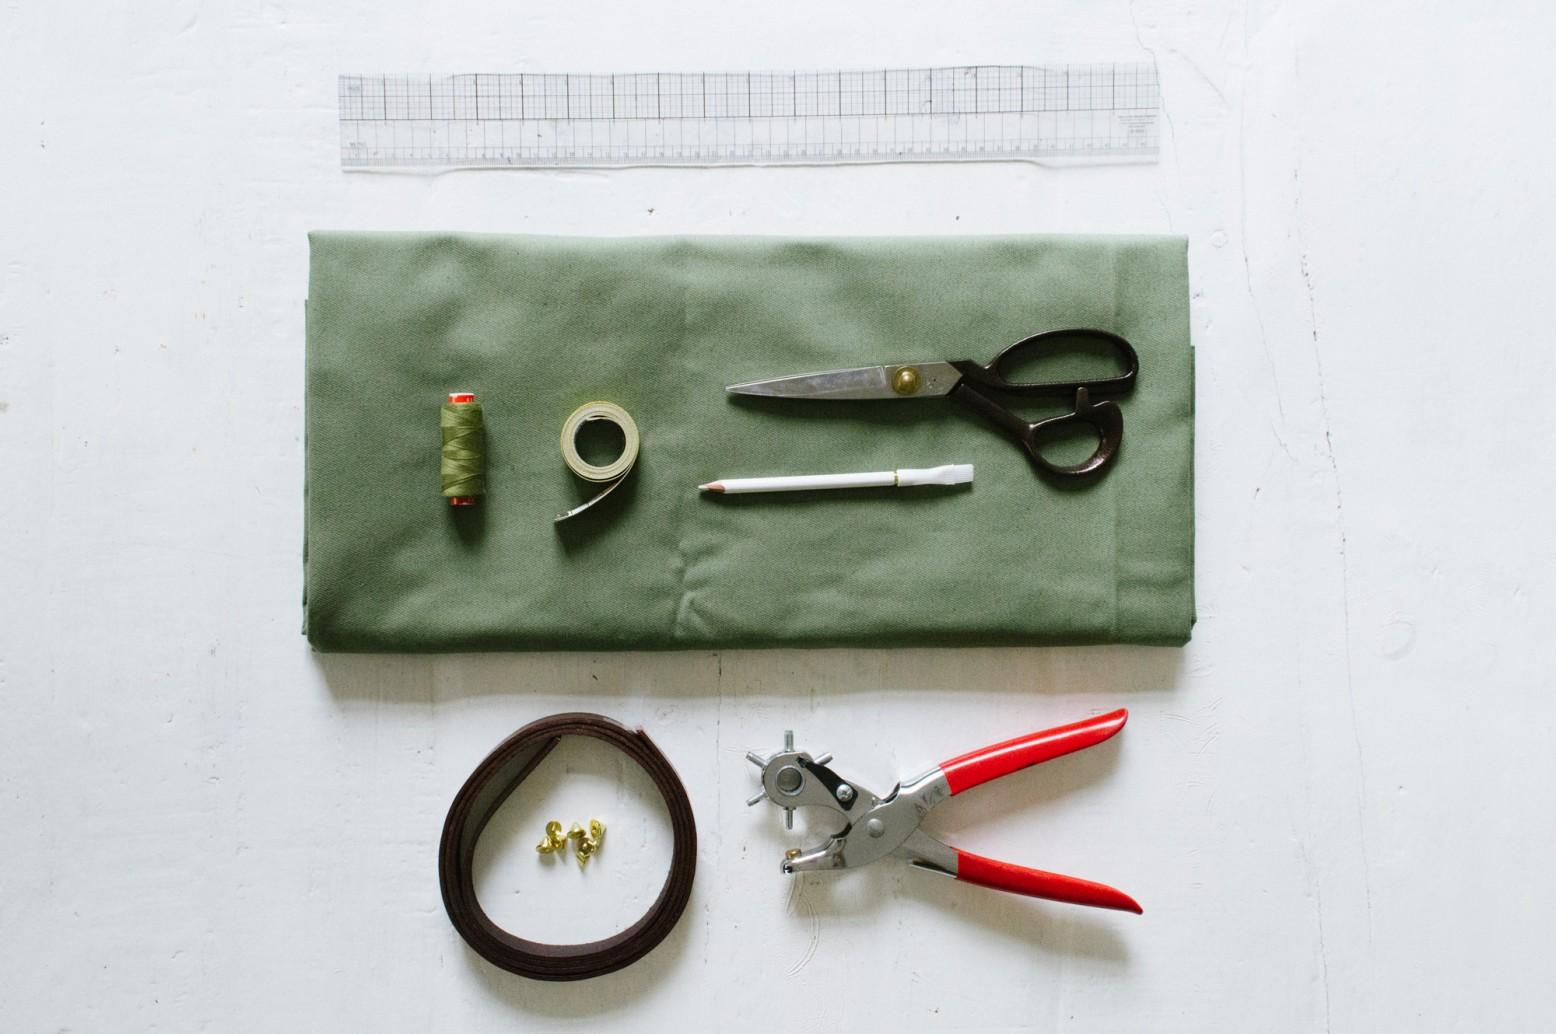 Chuẩn bị dụng cụ làm giỏ vải